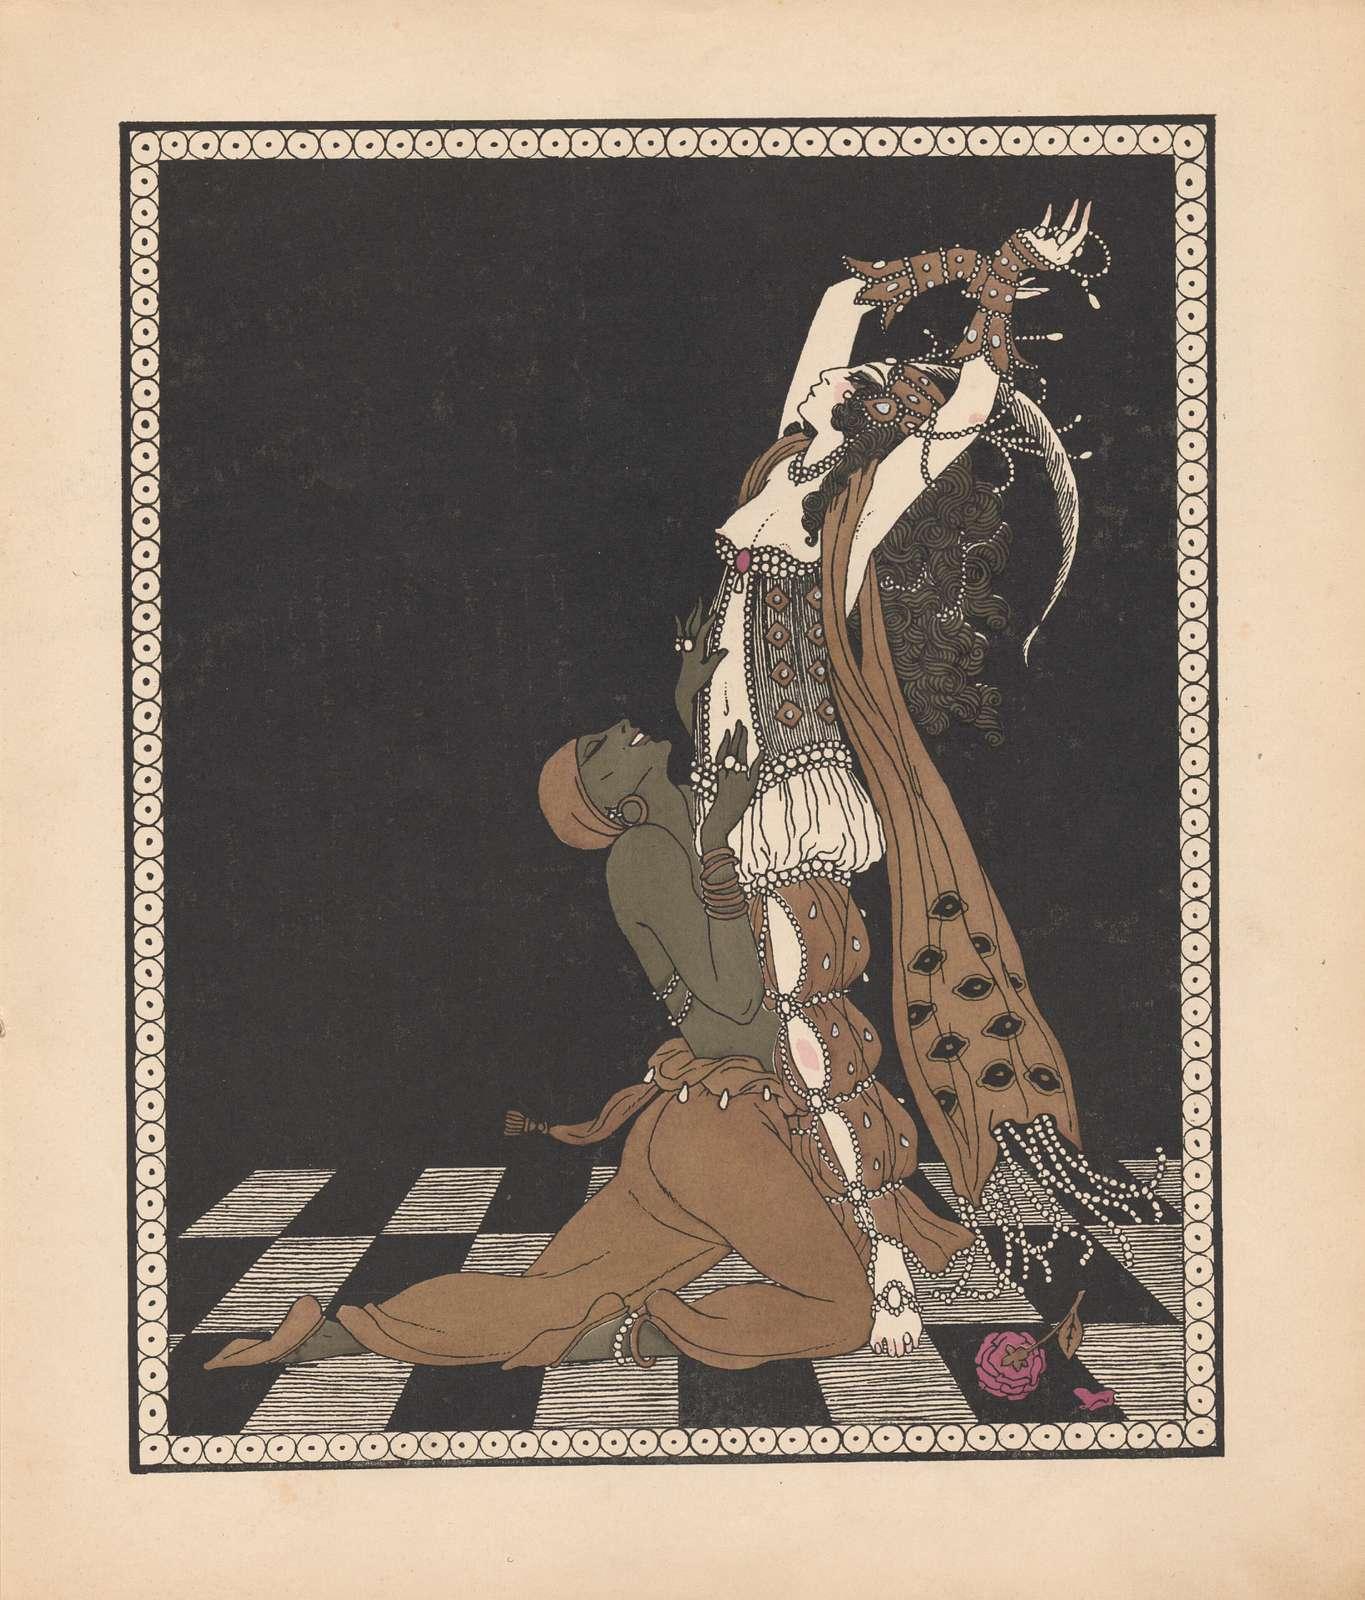 Color print by George Barbier of Vaslav Nijinsky and Ida Rubinstein in Schéhérazade, 1913